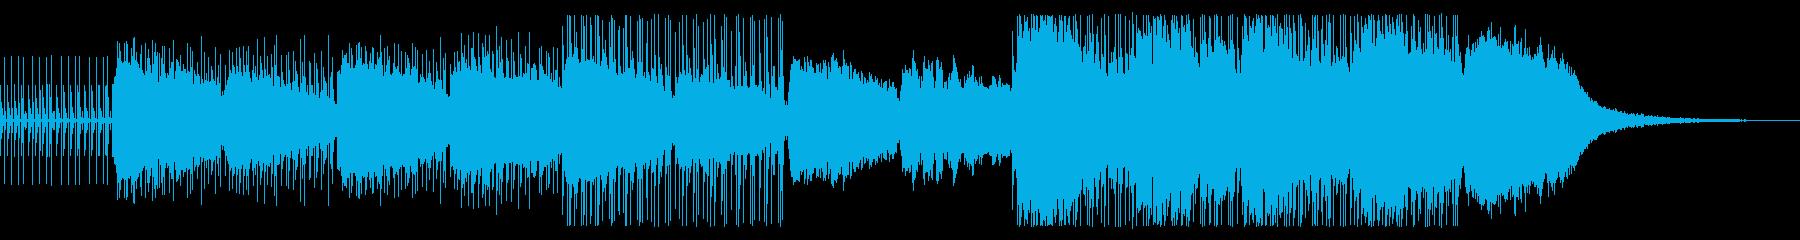 アンビエントエレクトロインストきら...の再生済みの波形